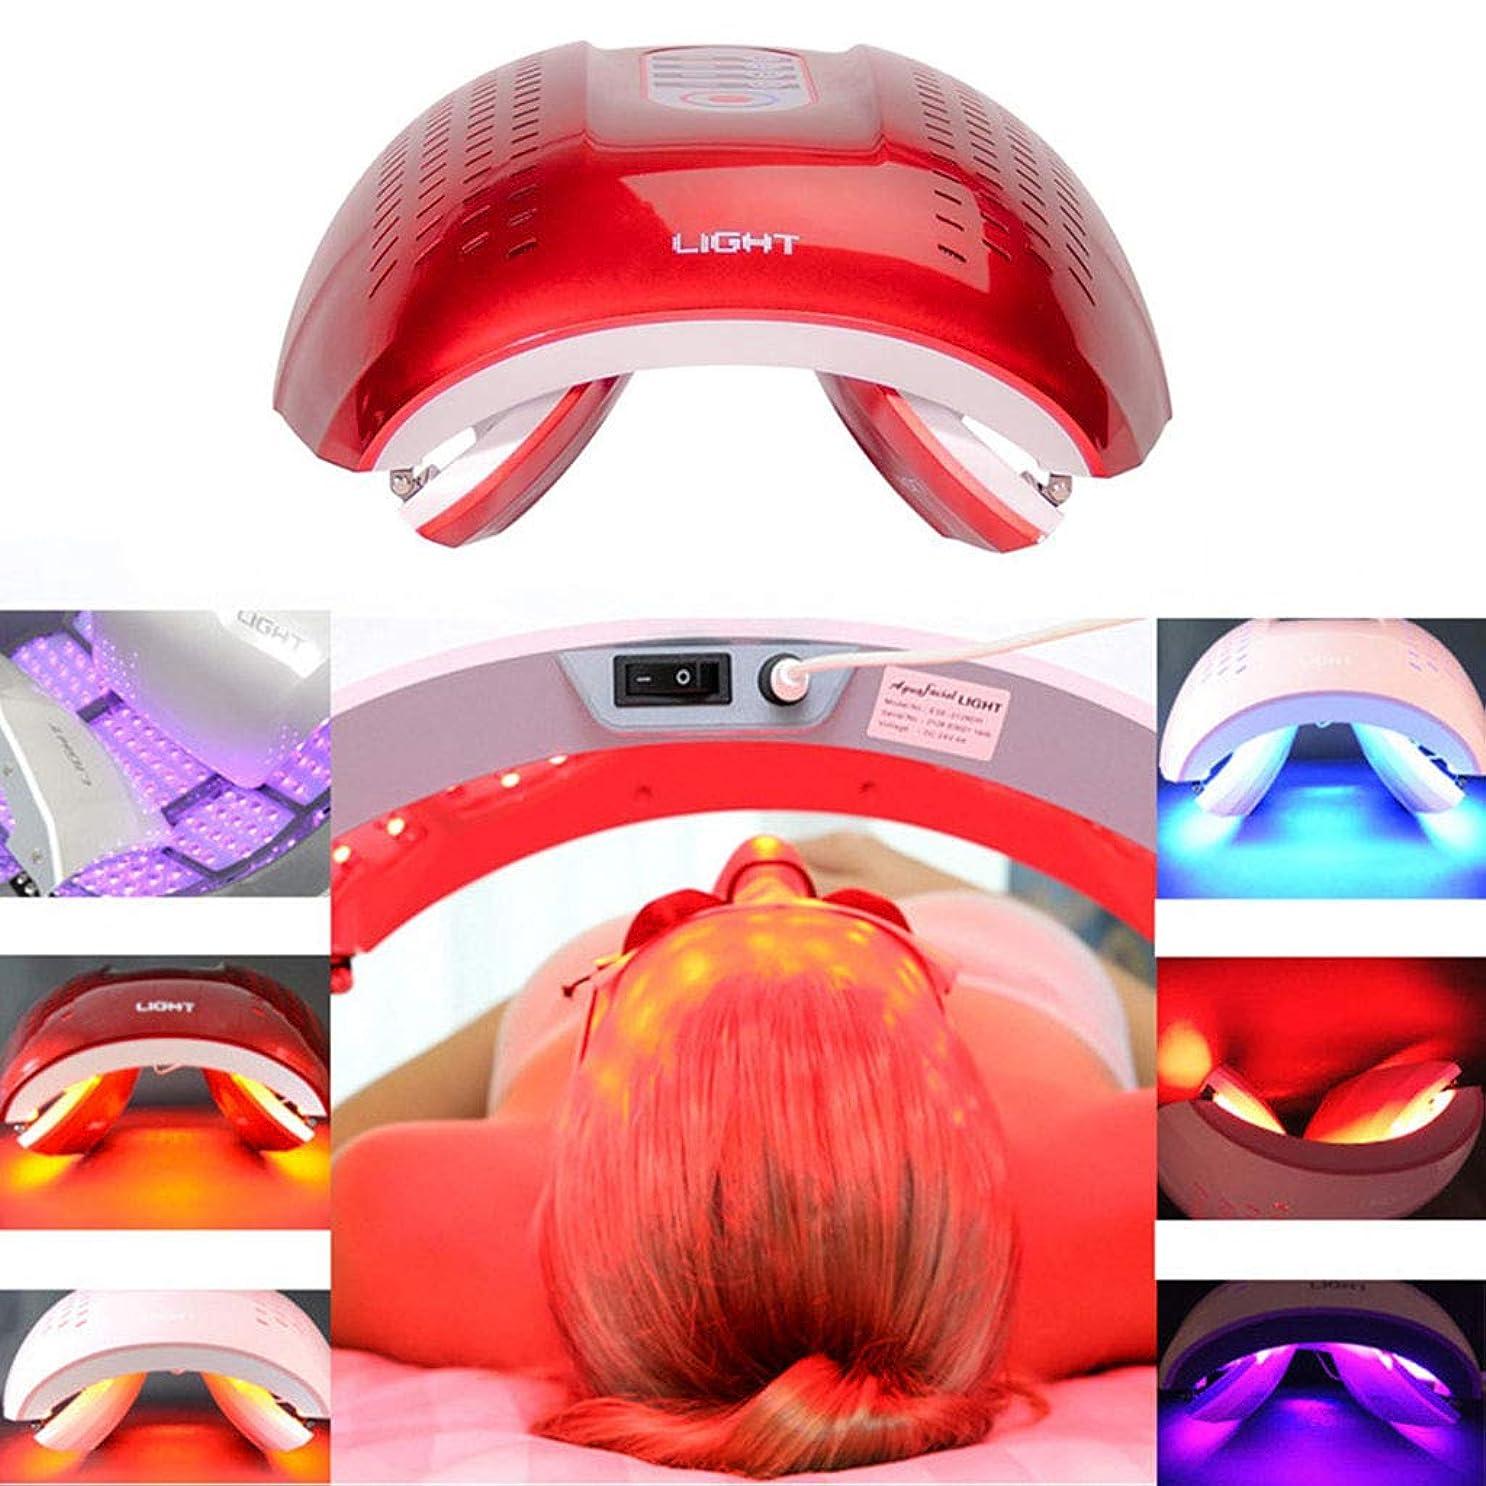 契約気味の悪い排泄物LED光子の顔の若返りの美の器械、4色PDTの分光計、肌の引き締め美白の強化,Red